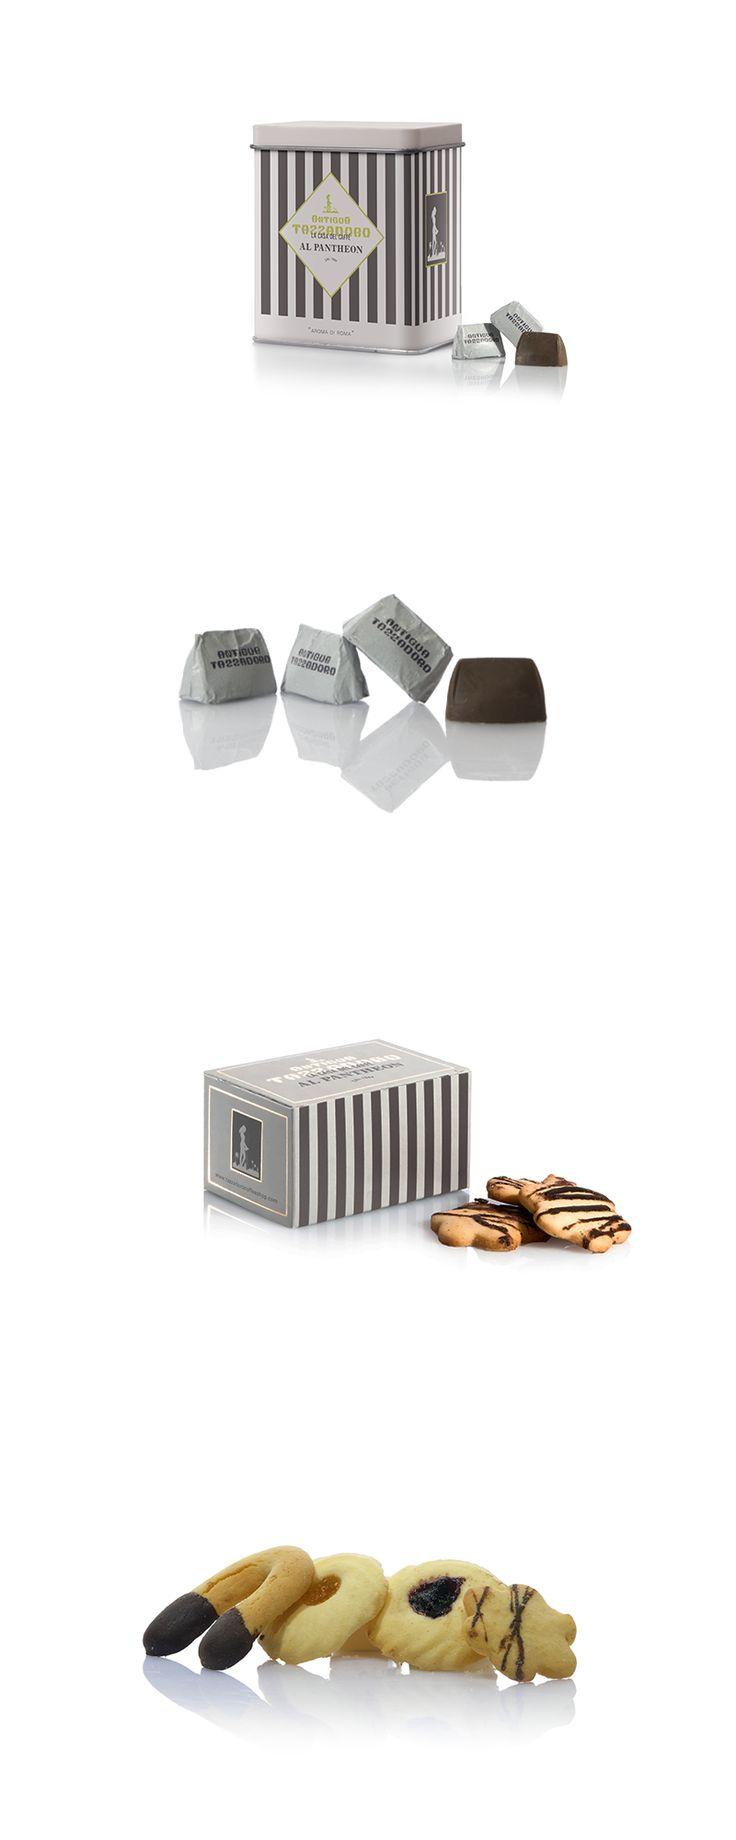 Ideazione e progettazione delle confezioni della linea dolciumi del bar Antigua Tazza D'oro. #graphic #design #packaging